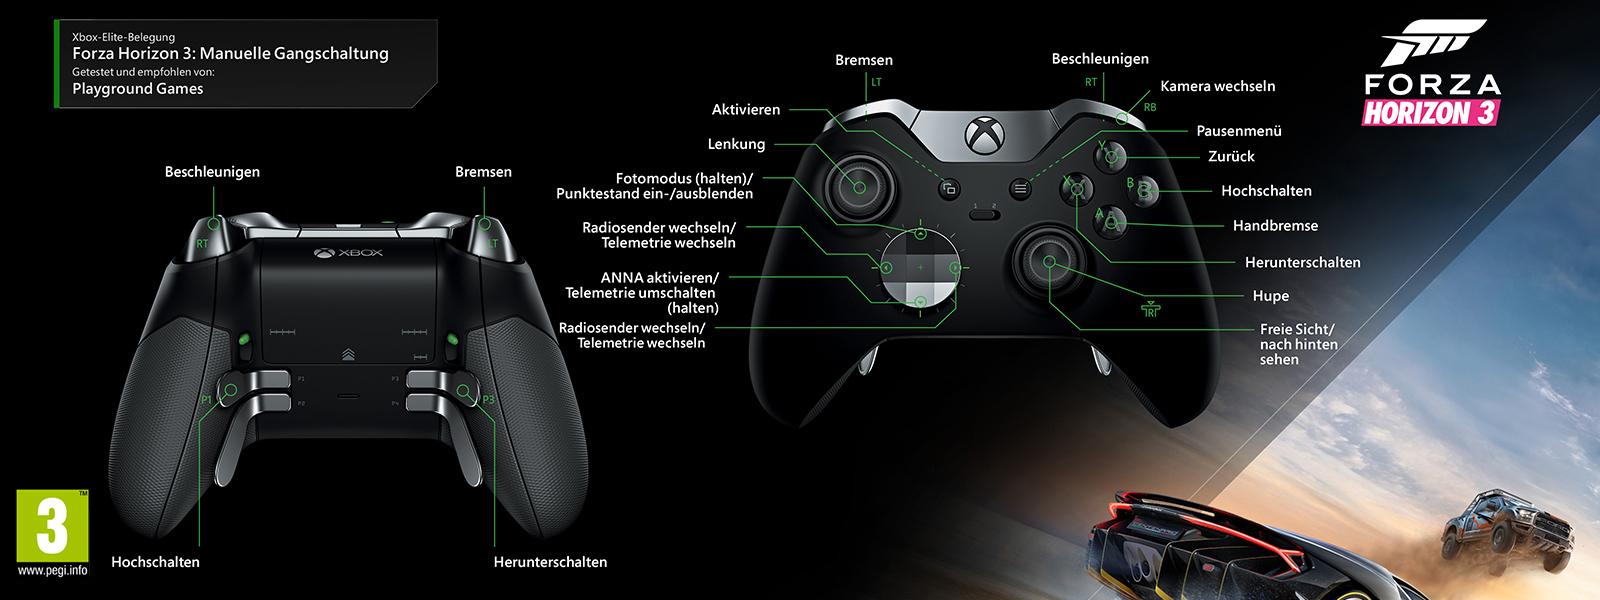 Forza Horizon 3 – Elitezuordnung für manuelle Gangschaltung